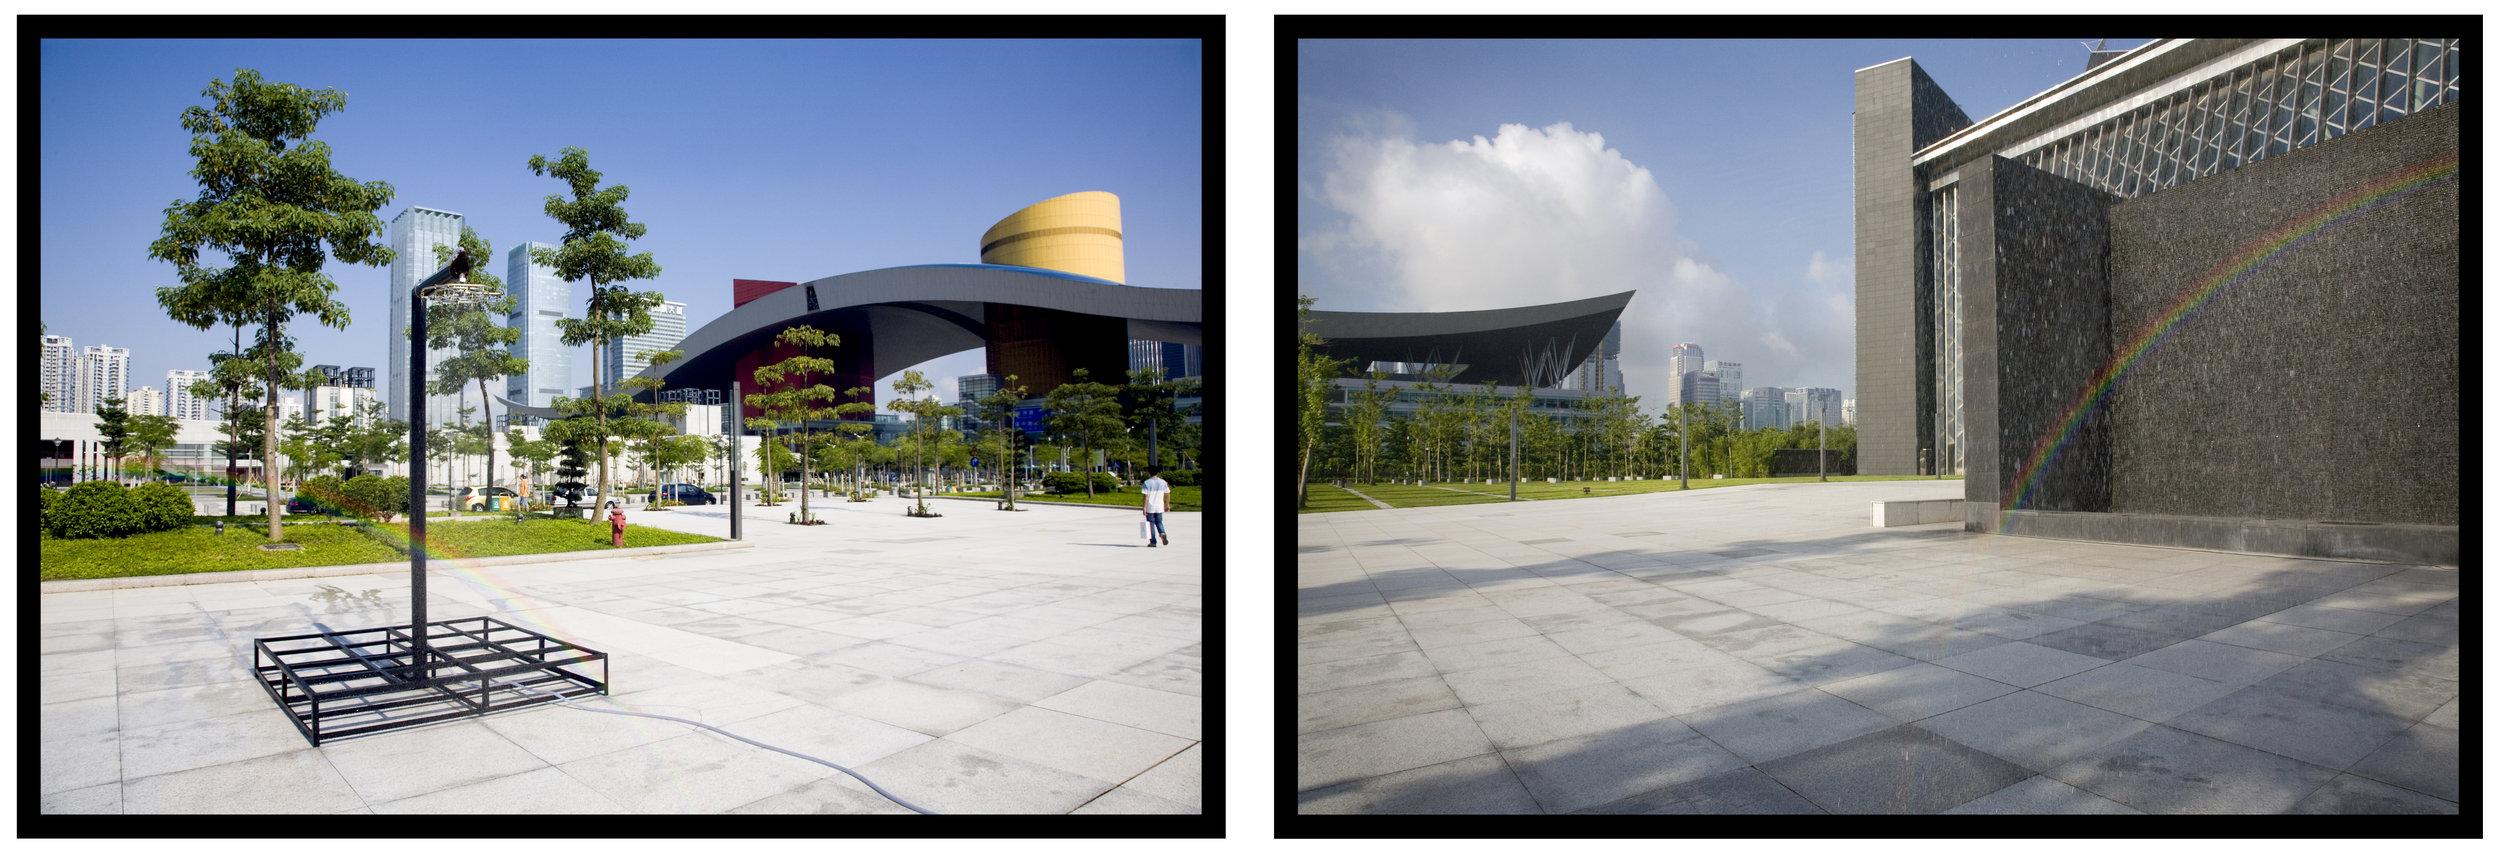 Rainbow 50x18  Installation view, Shenzhen, PRC sponsored by the Shenzhen Institute of Fine Arts, Shenzhen, PRC